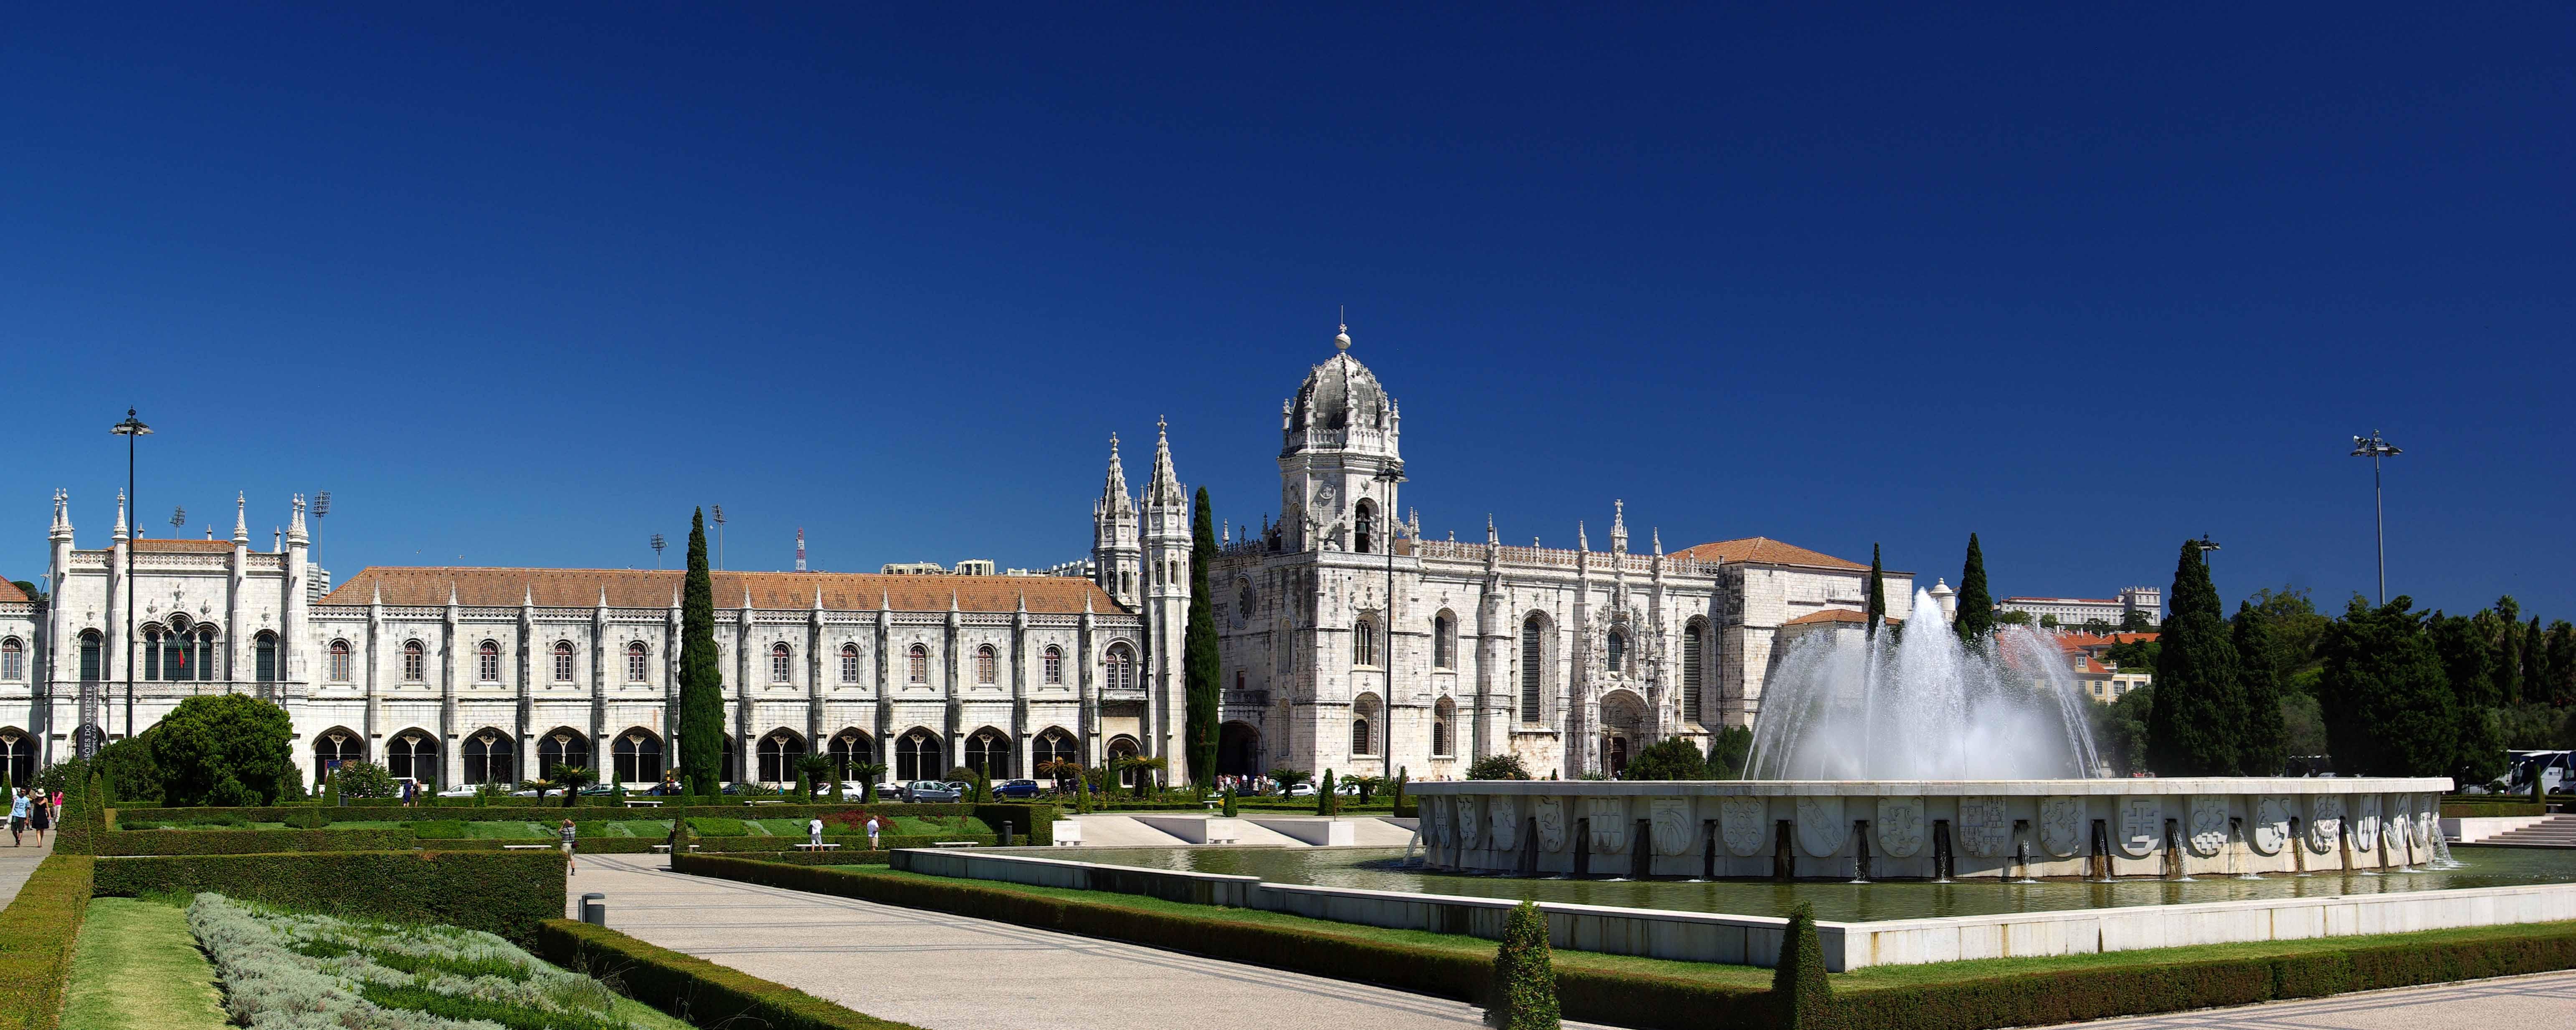 Famosos Mosteiro dos Jerónimos - Pentax User Photo Gallery LN96